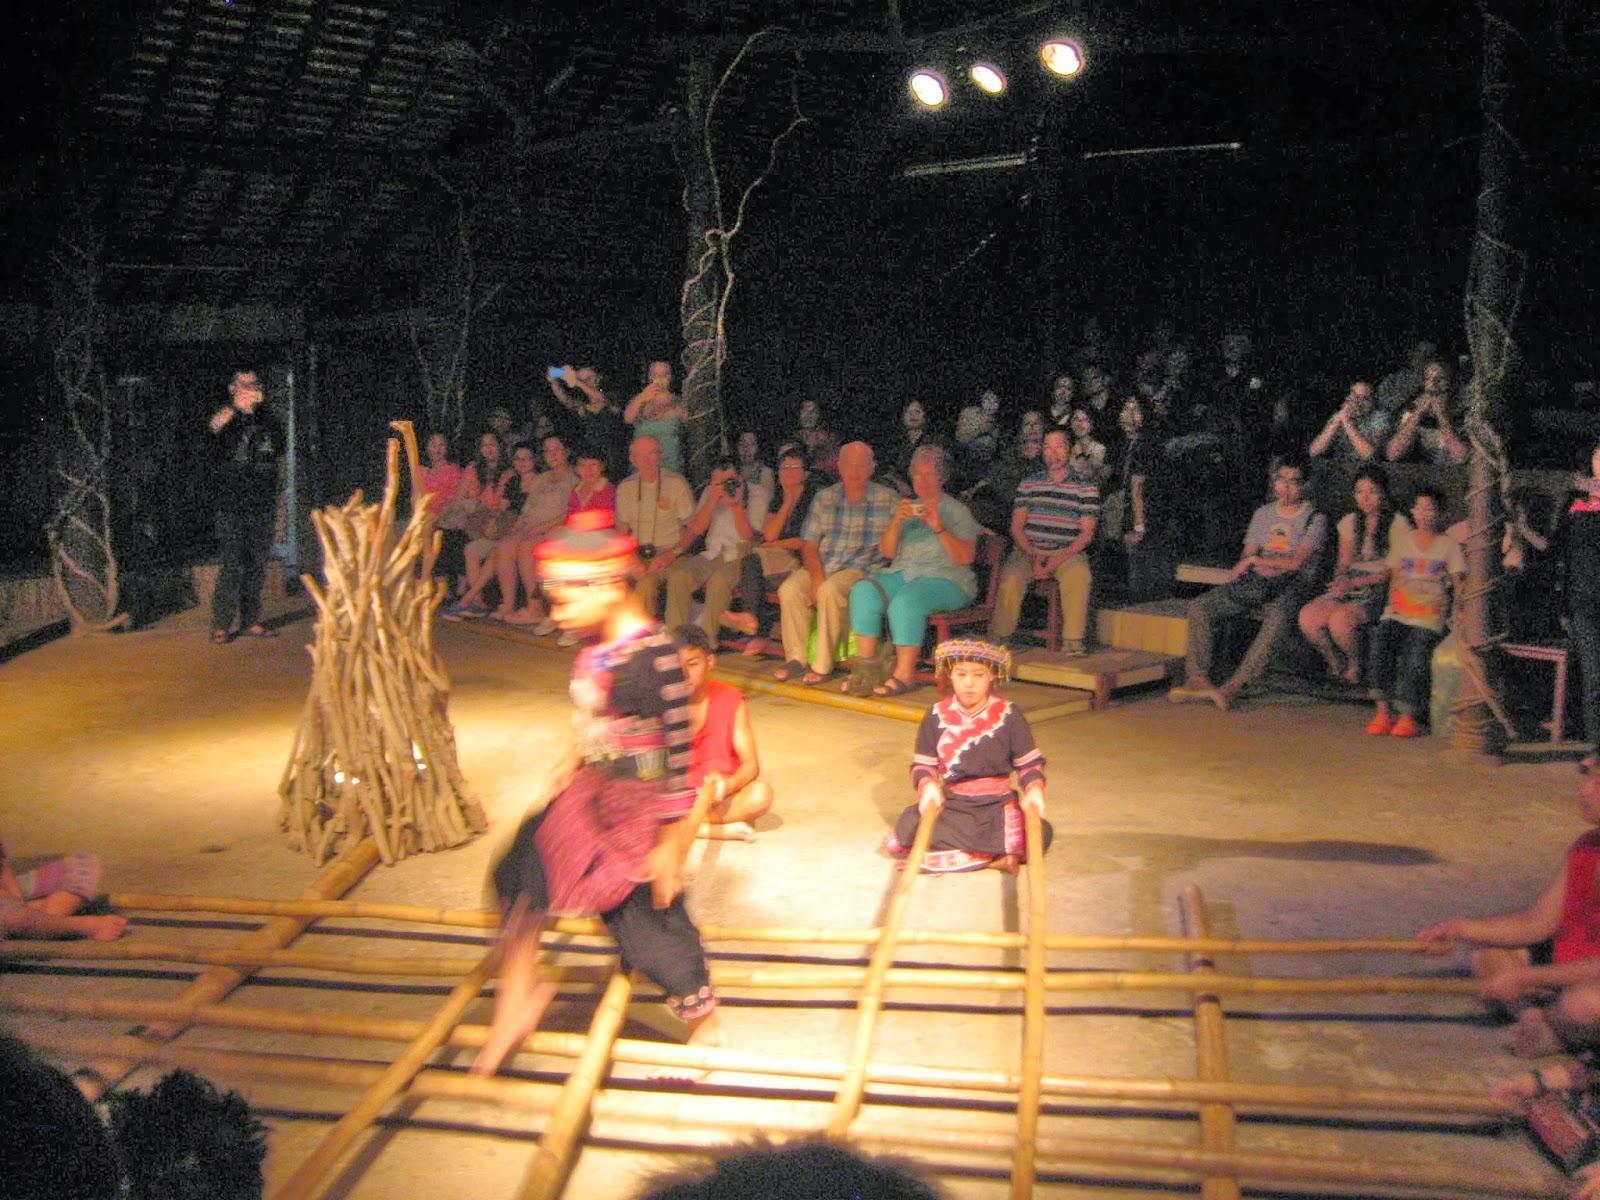 chiang-mai-cultural-center-bamboo-jumping